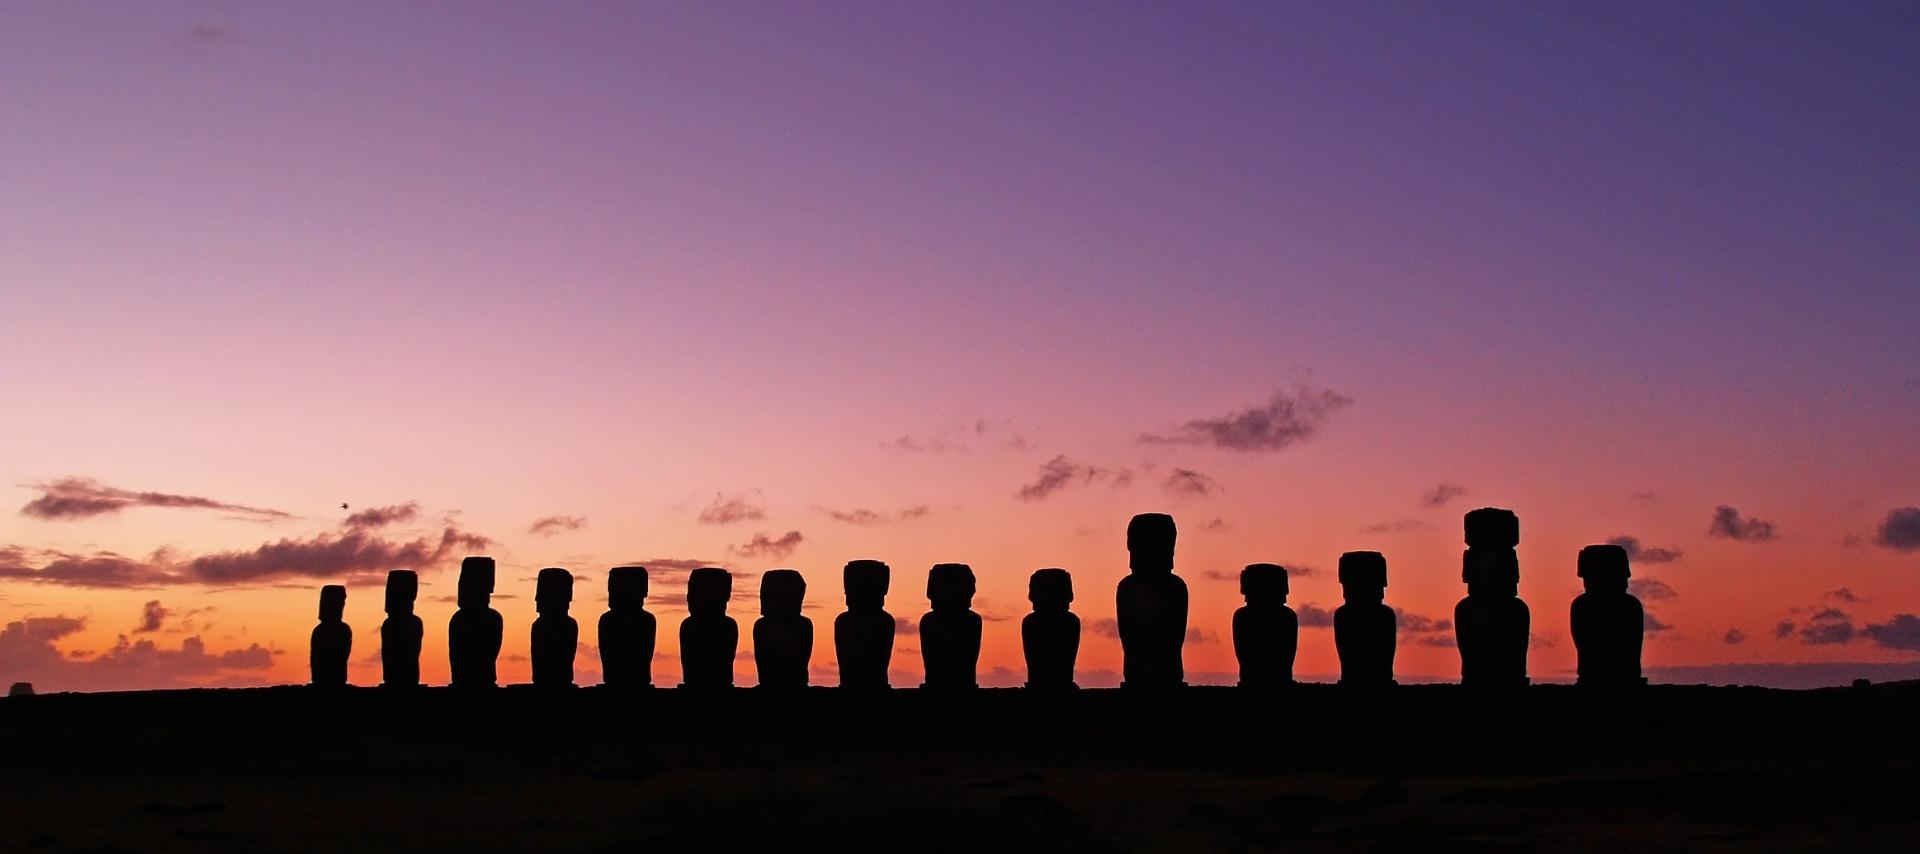 DNA-undersöök: Inheymske amerikanen en polynesiers 800 jår leaden künnigen